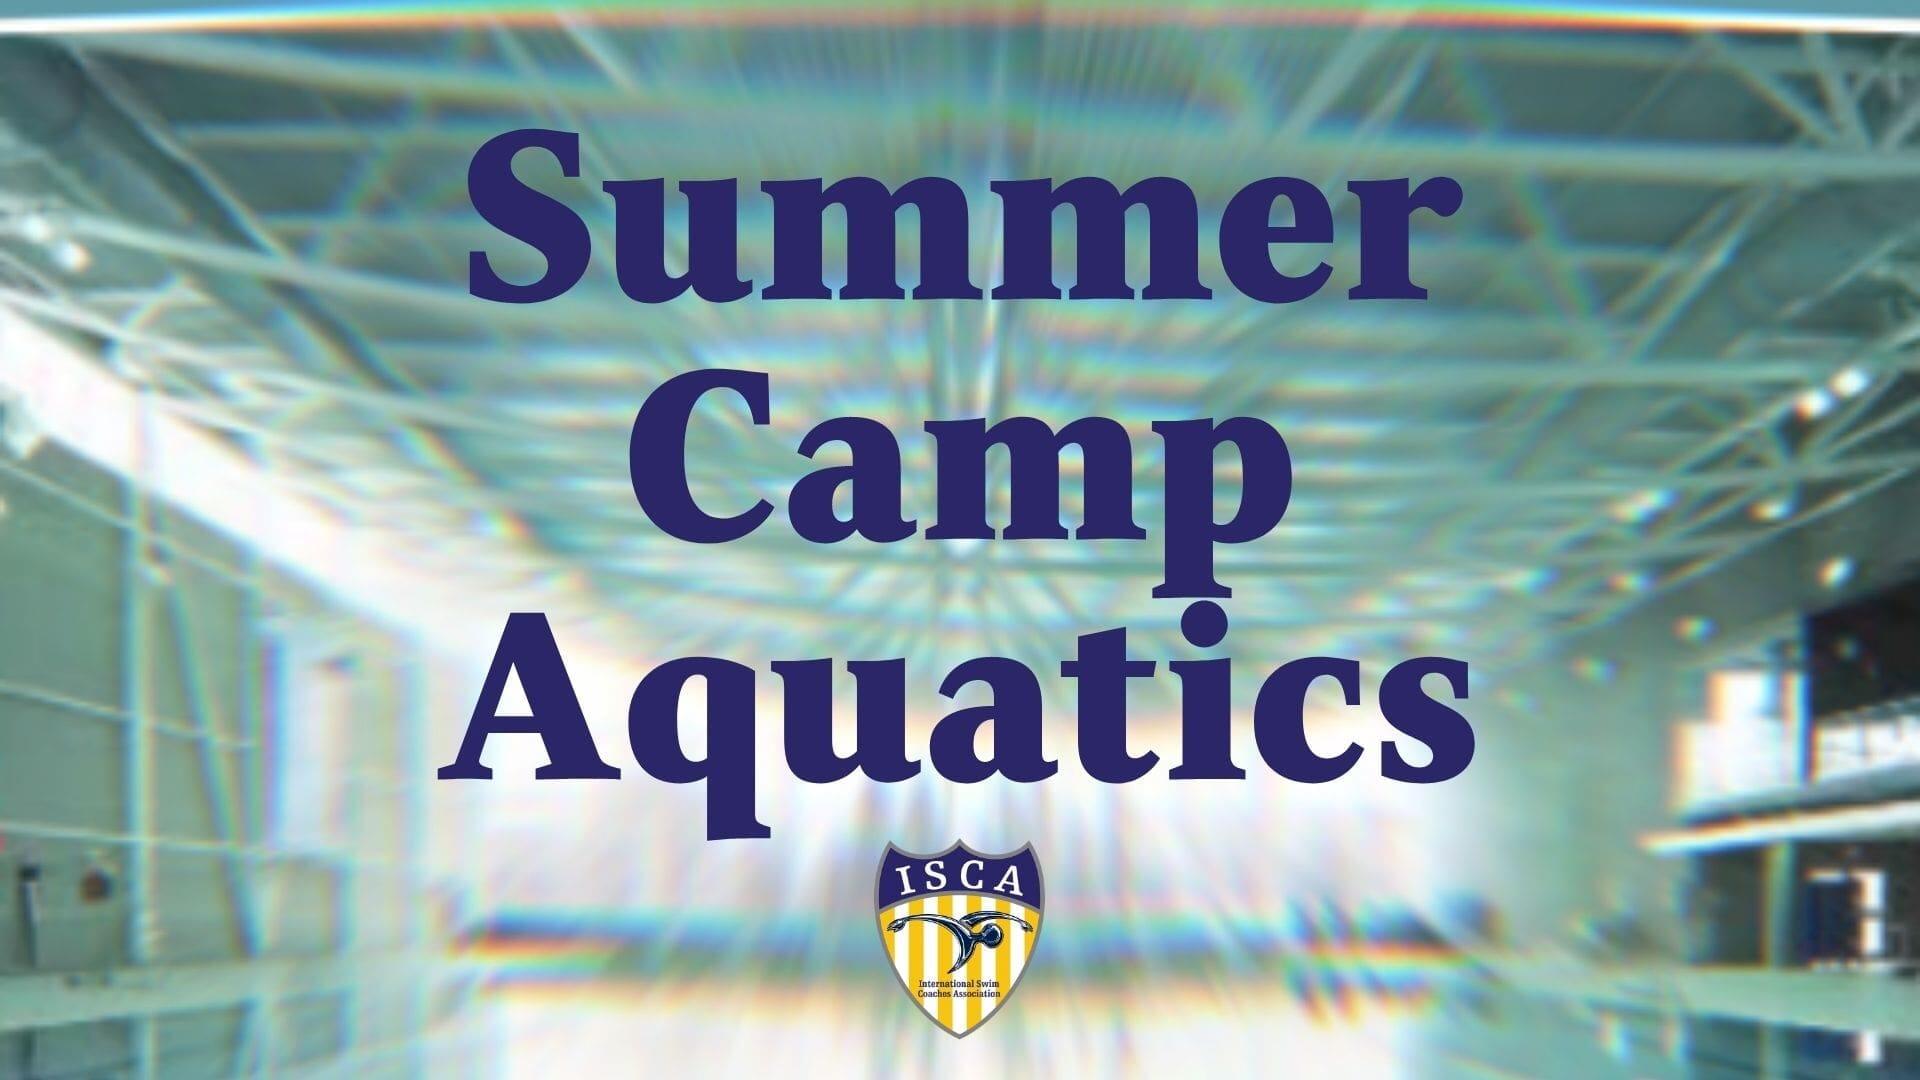 Summer Camp Aquatics